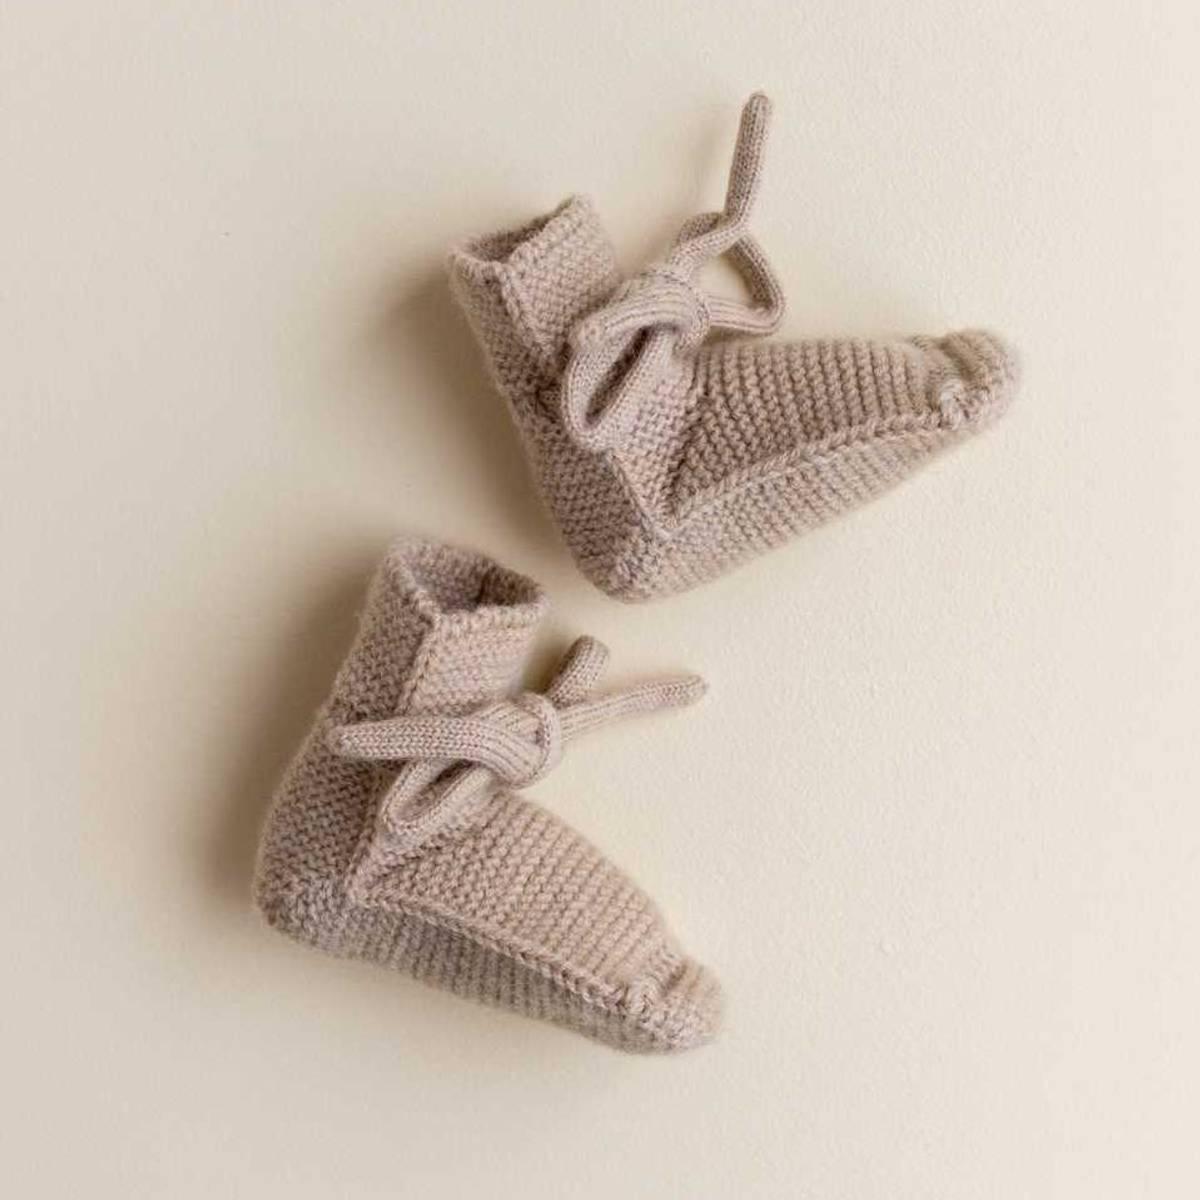 Babytøfler - Merinoull  - Hvid - Sand